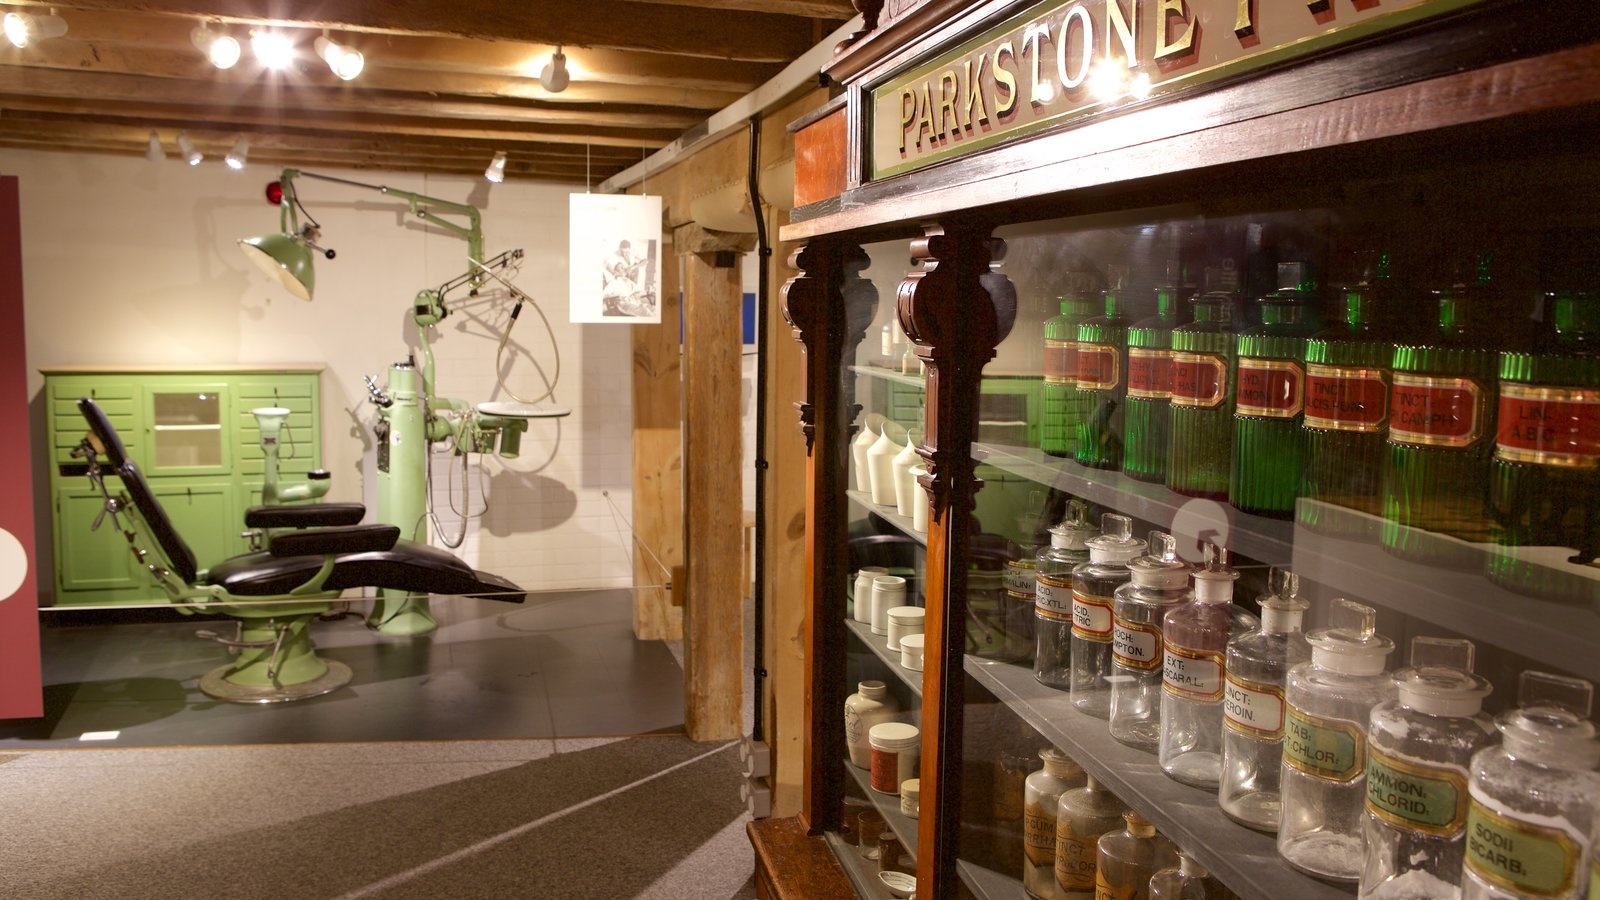 Poole Museum que inclui vistas internas e elementos de patrimônio